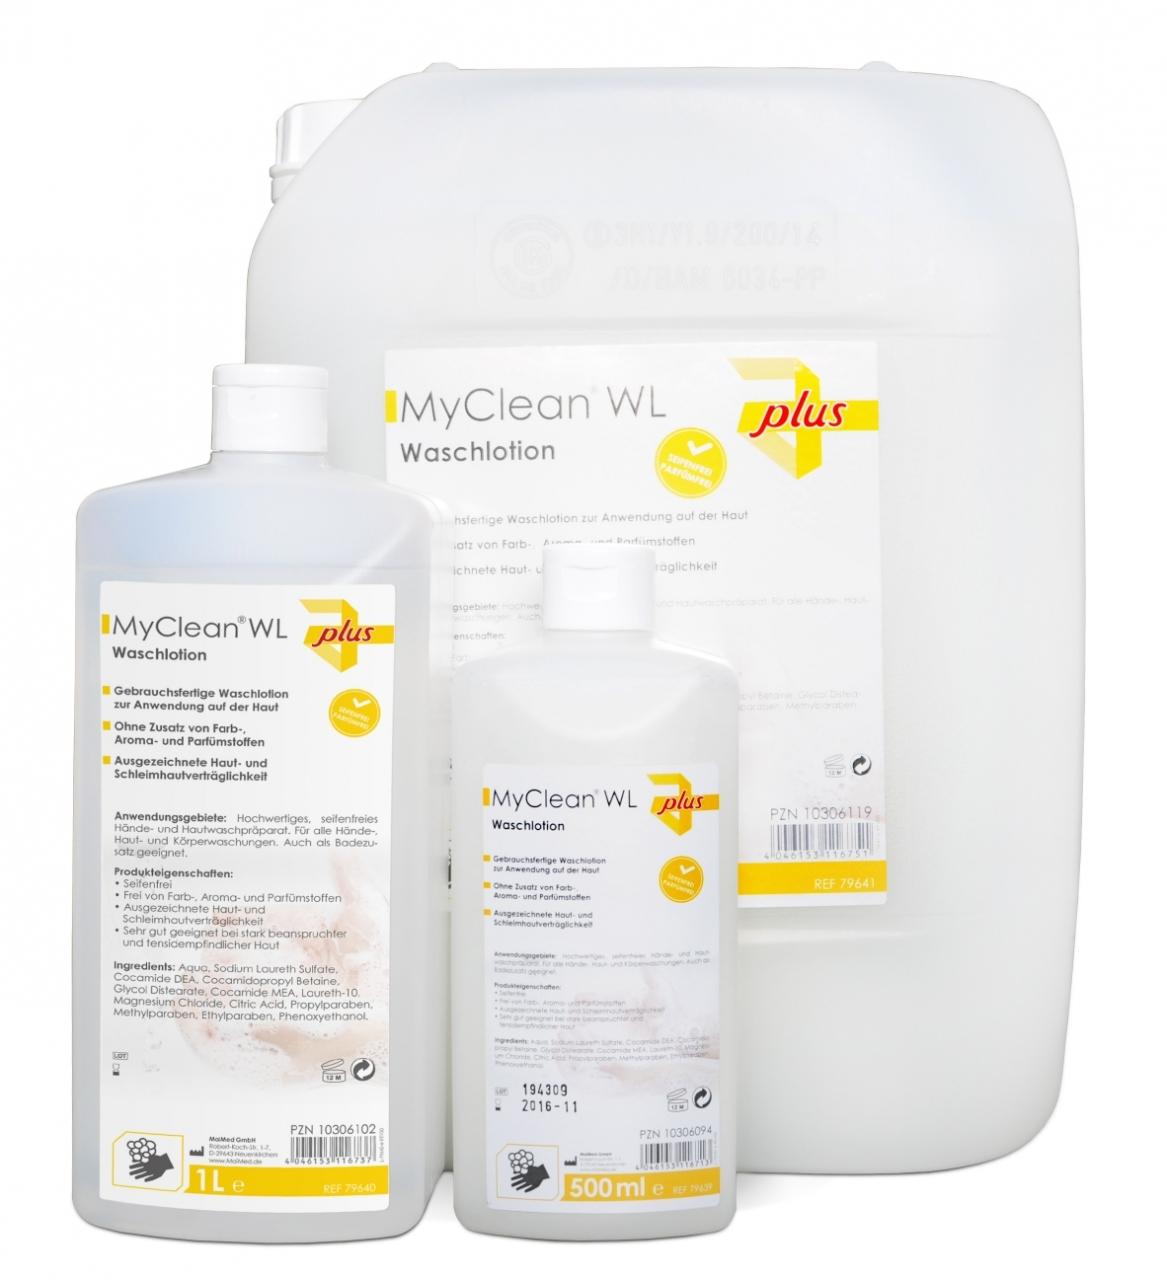 MYClean WL Waschlotion 1000ml